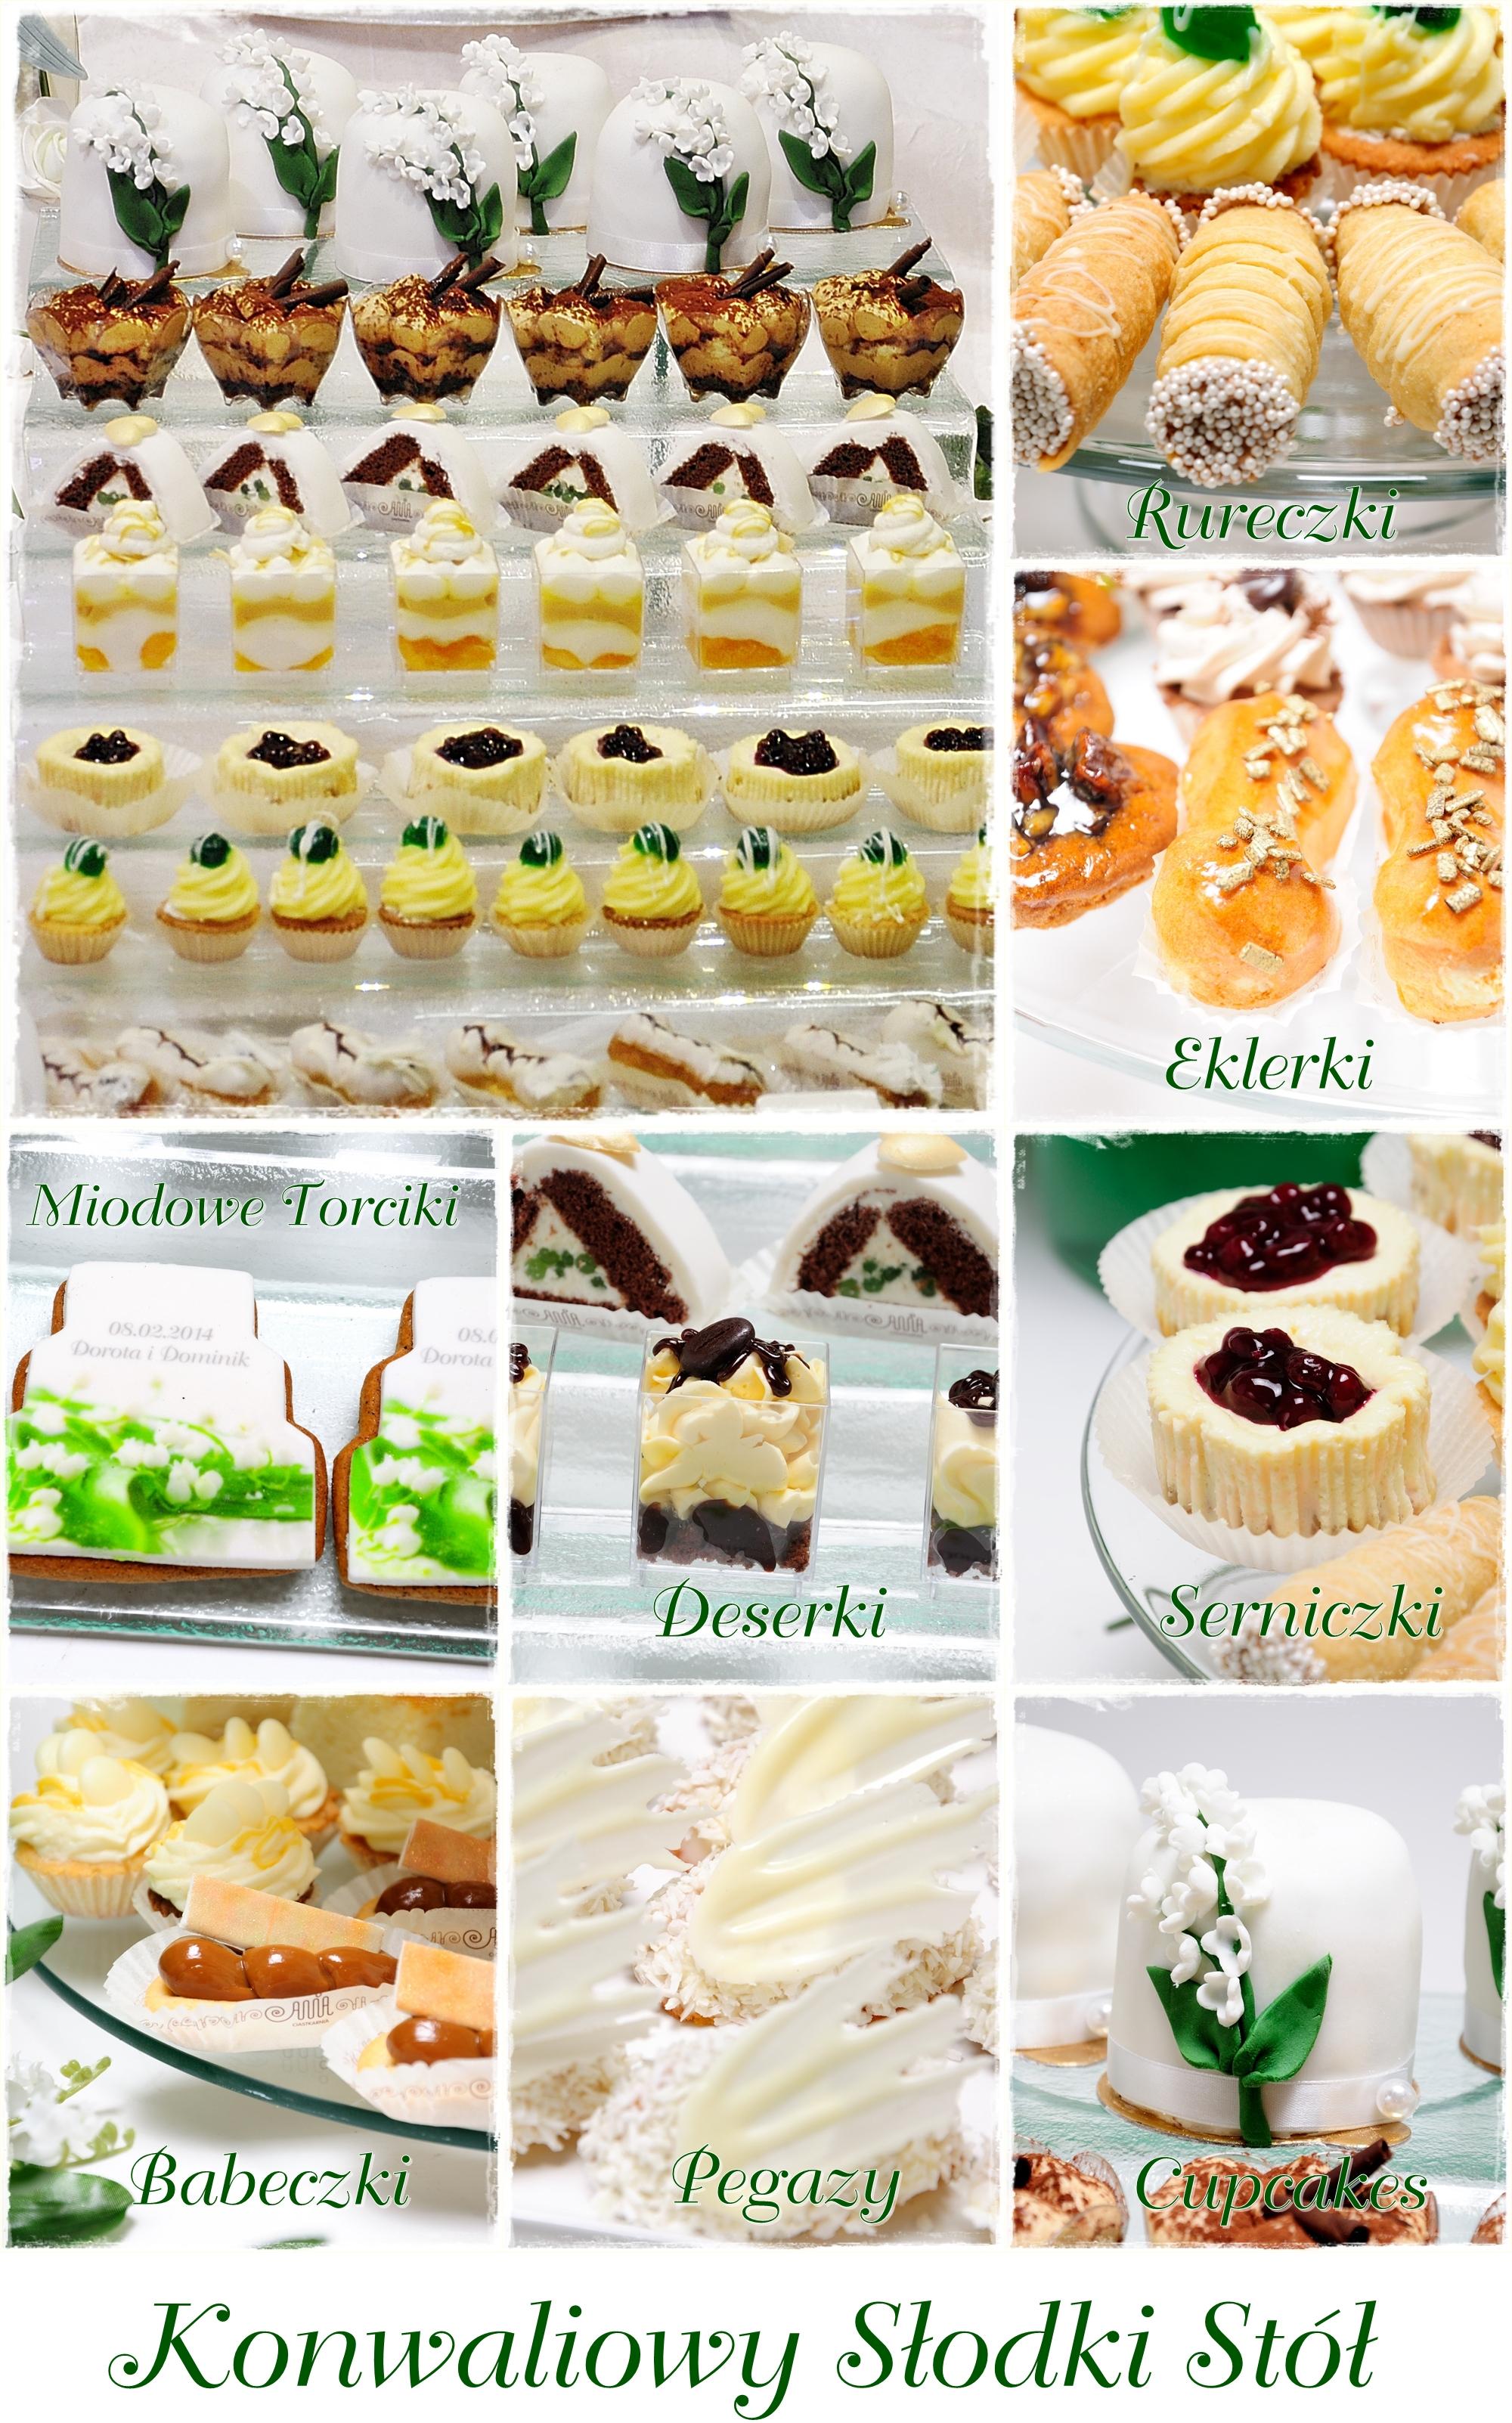 Konwaliowy słodki stół - zdjęcie 1